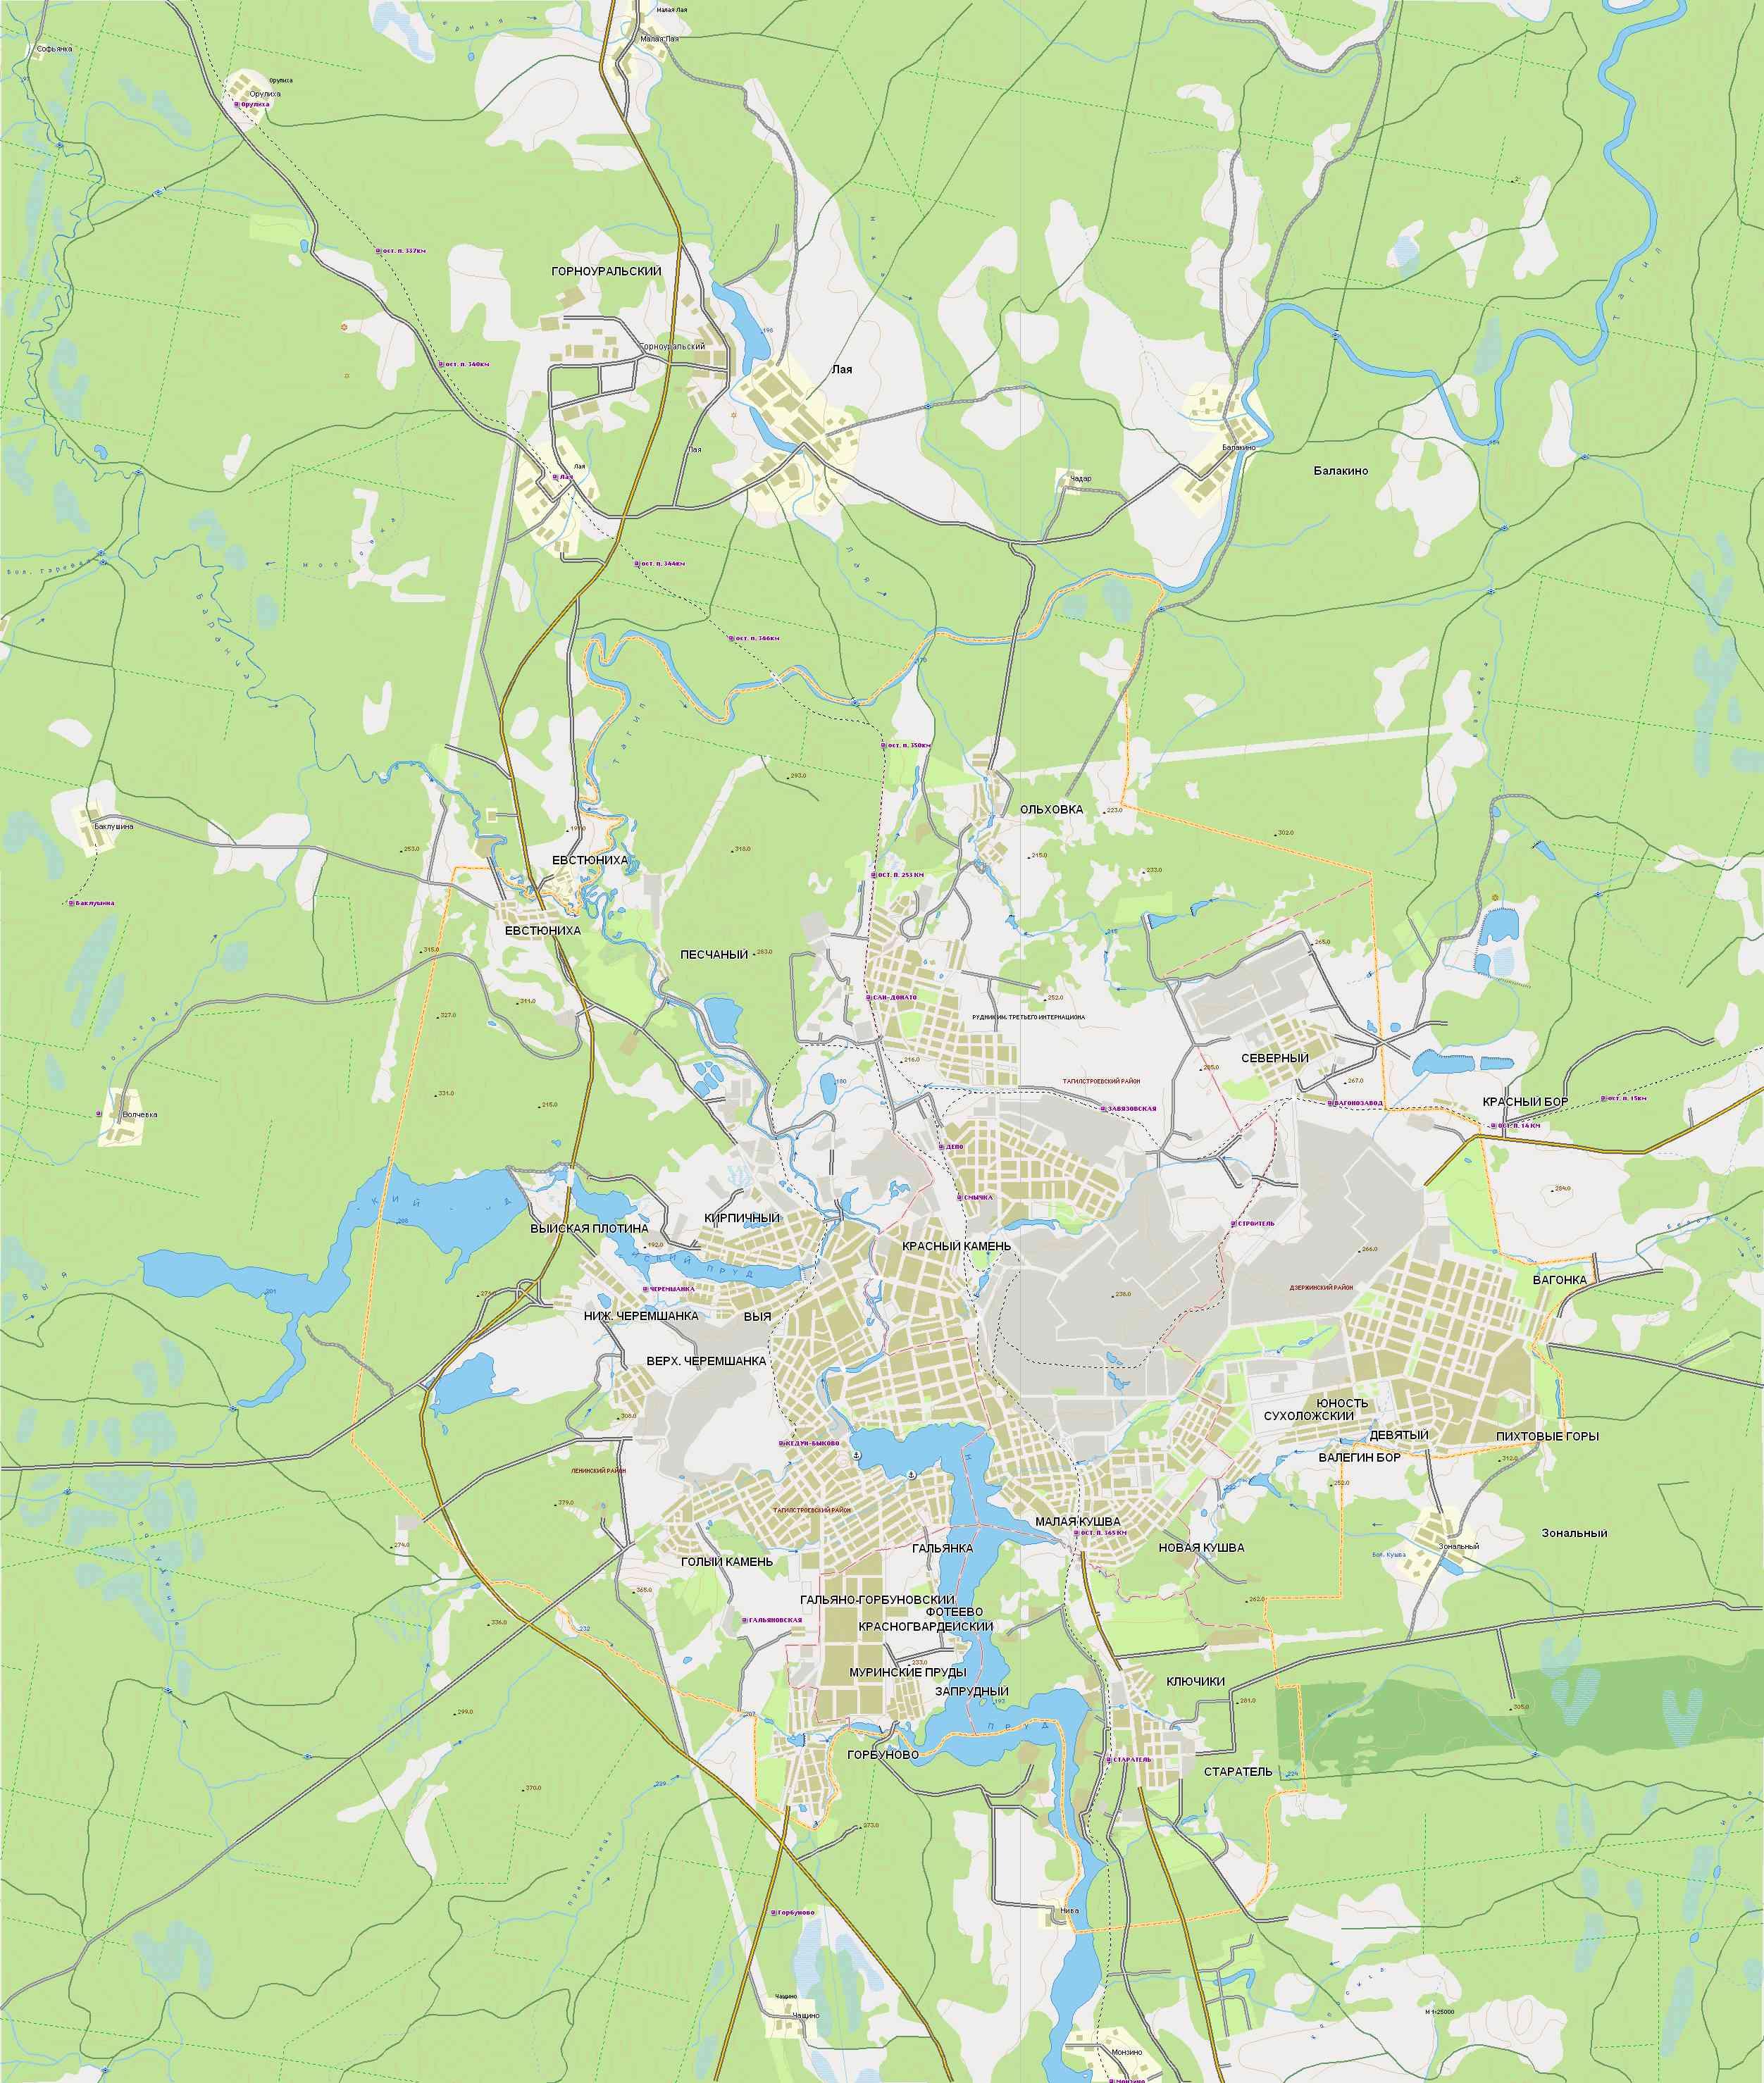 Подробная карта г. Нижний Тагил.  Карта автодорог Нижнего Тагила и окрестностей.